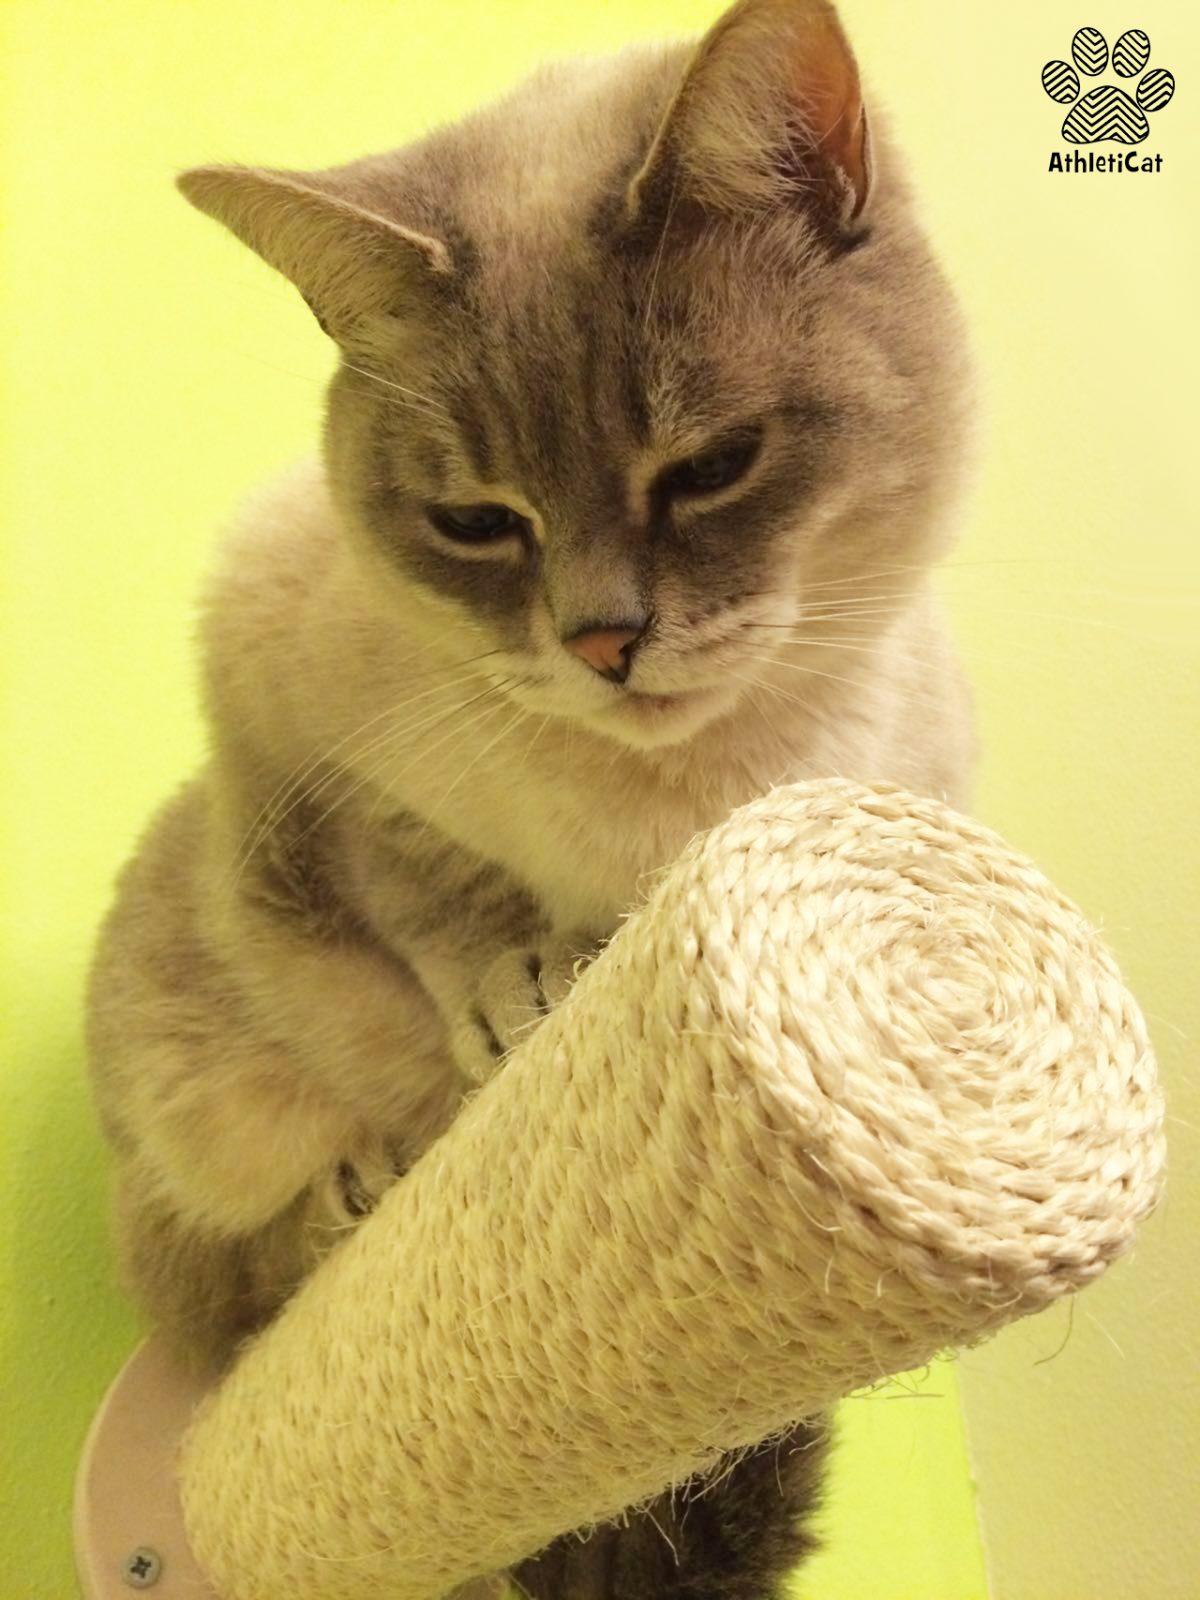 Arredo per gatti archivi athleticat for Parete attrezzata gatti